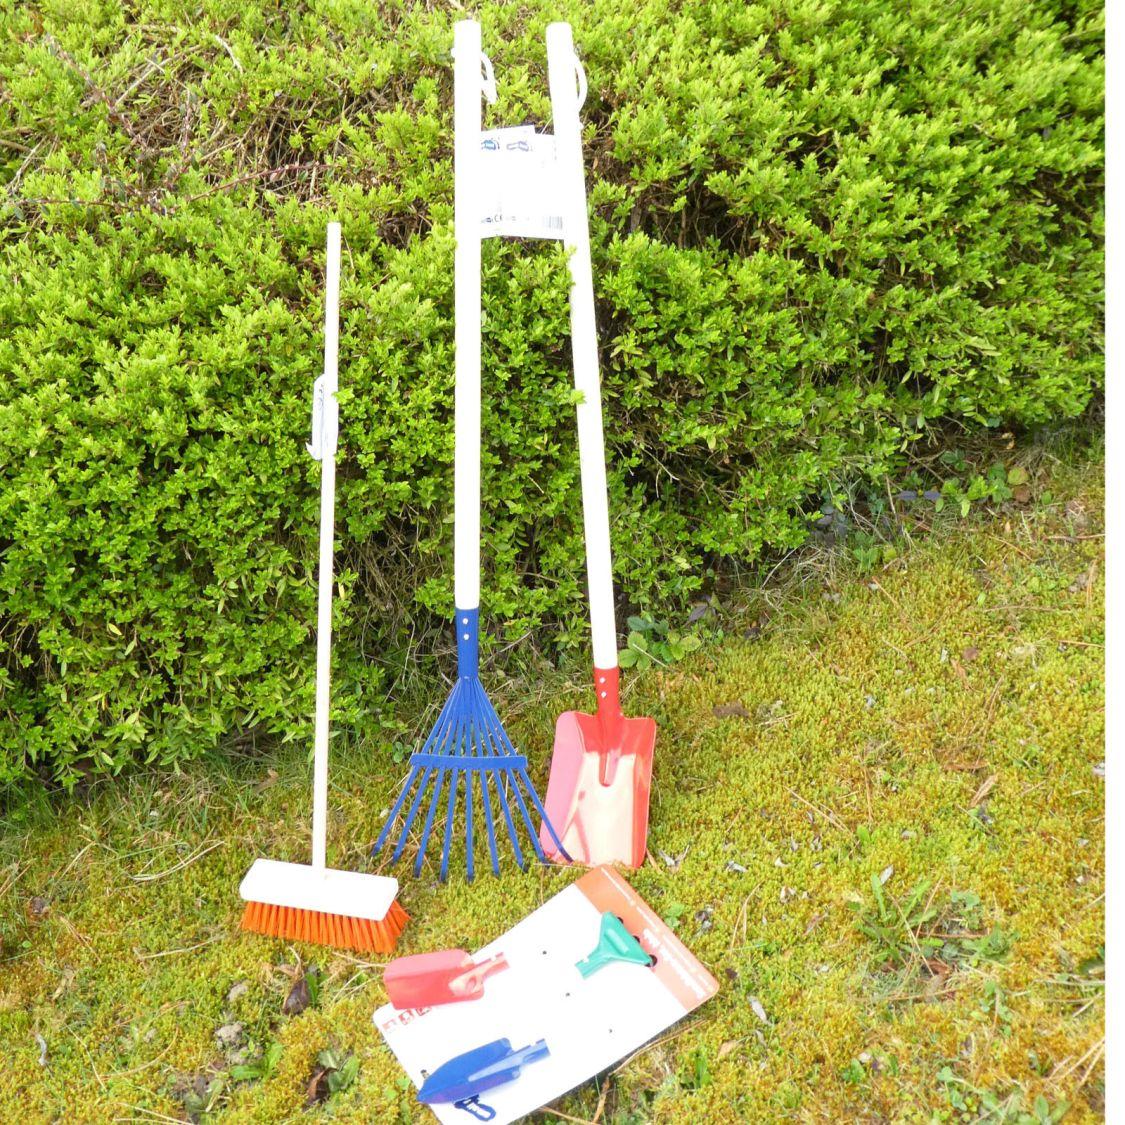 Gartengeräte für Kinder Gartenset Schaufel Rechen Harke Besen #2761 ◕‿◕